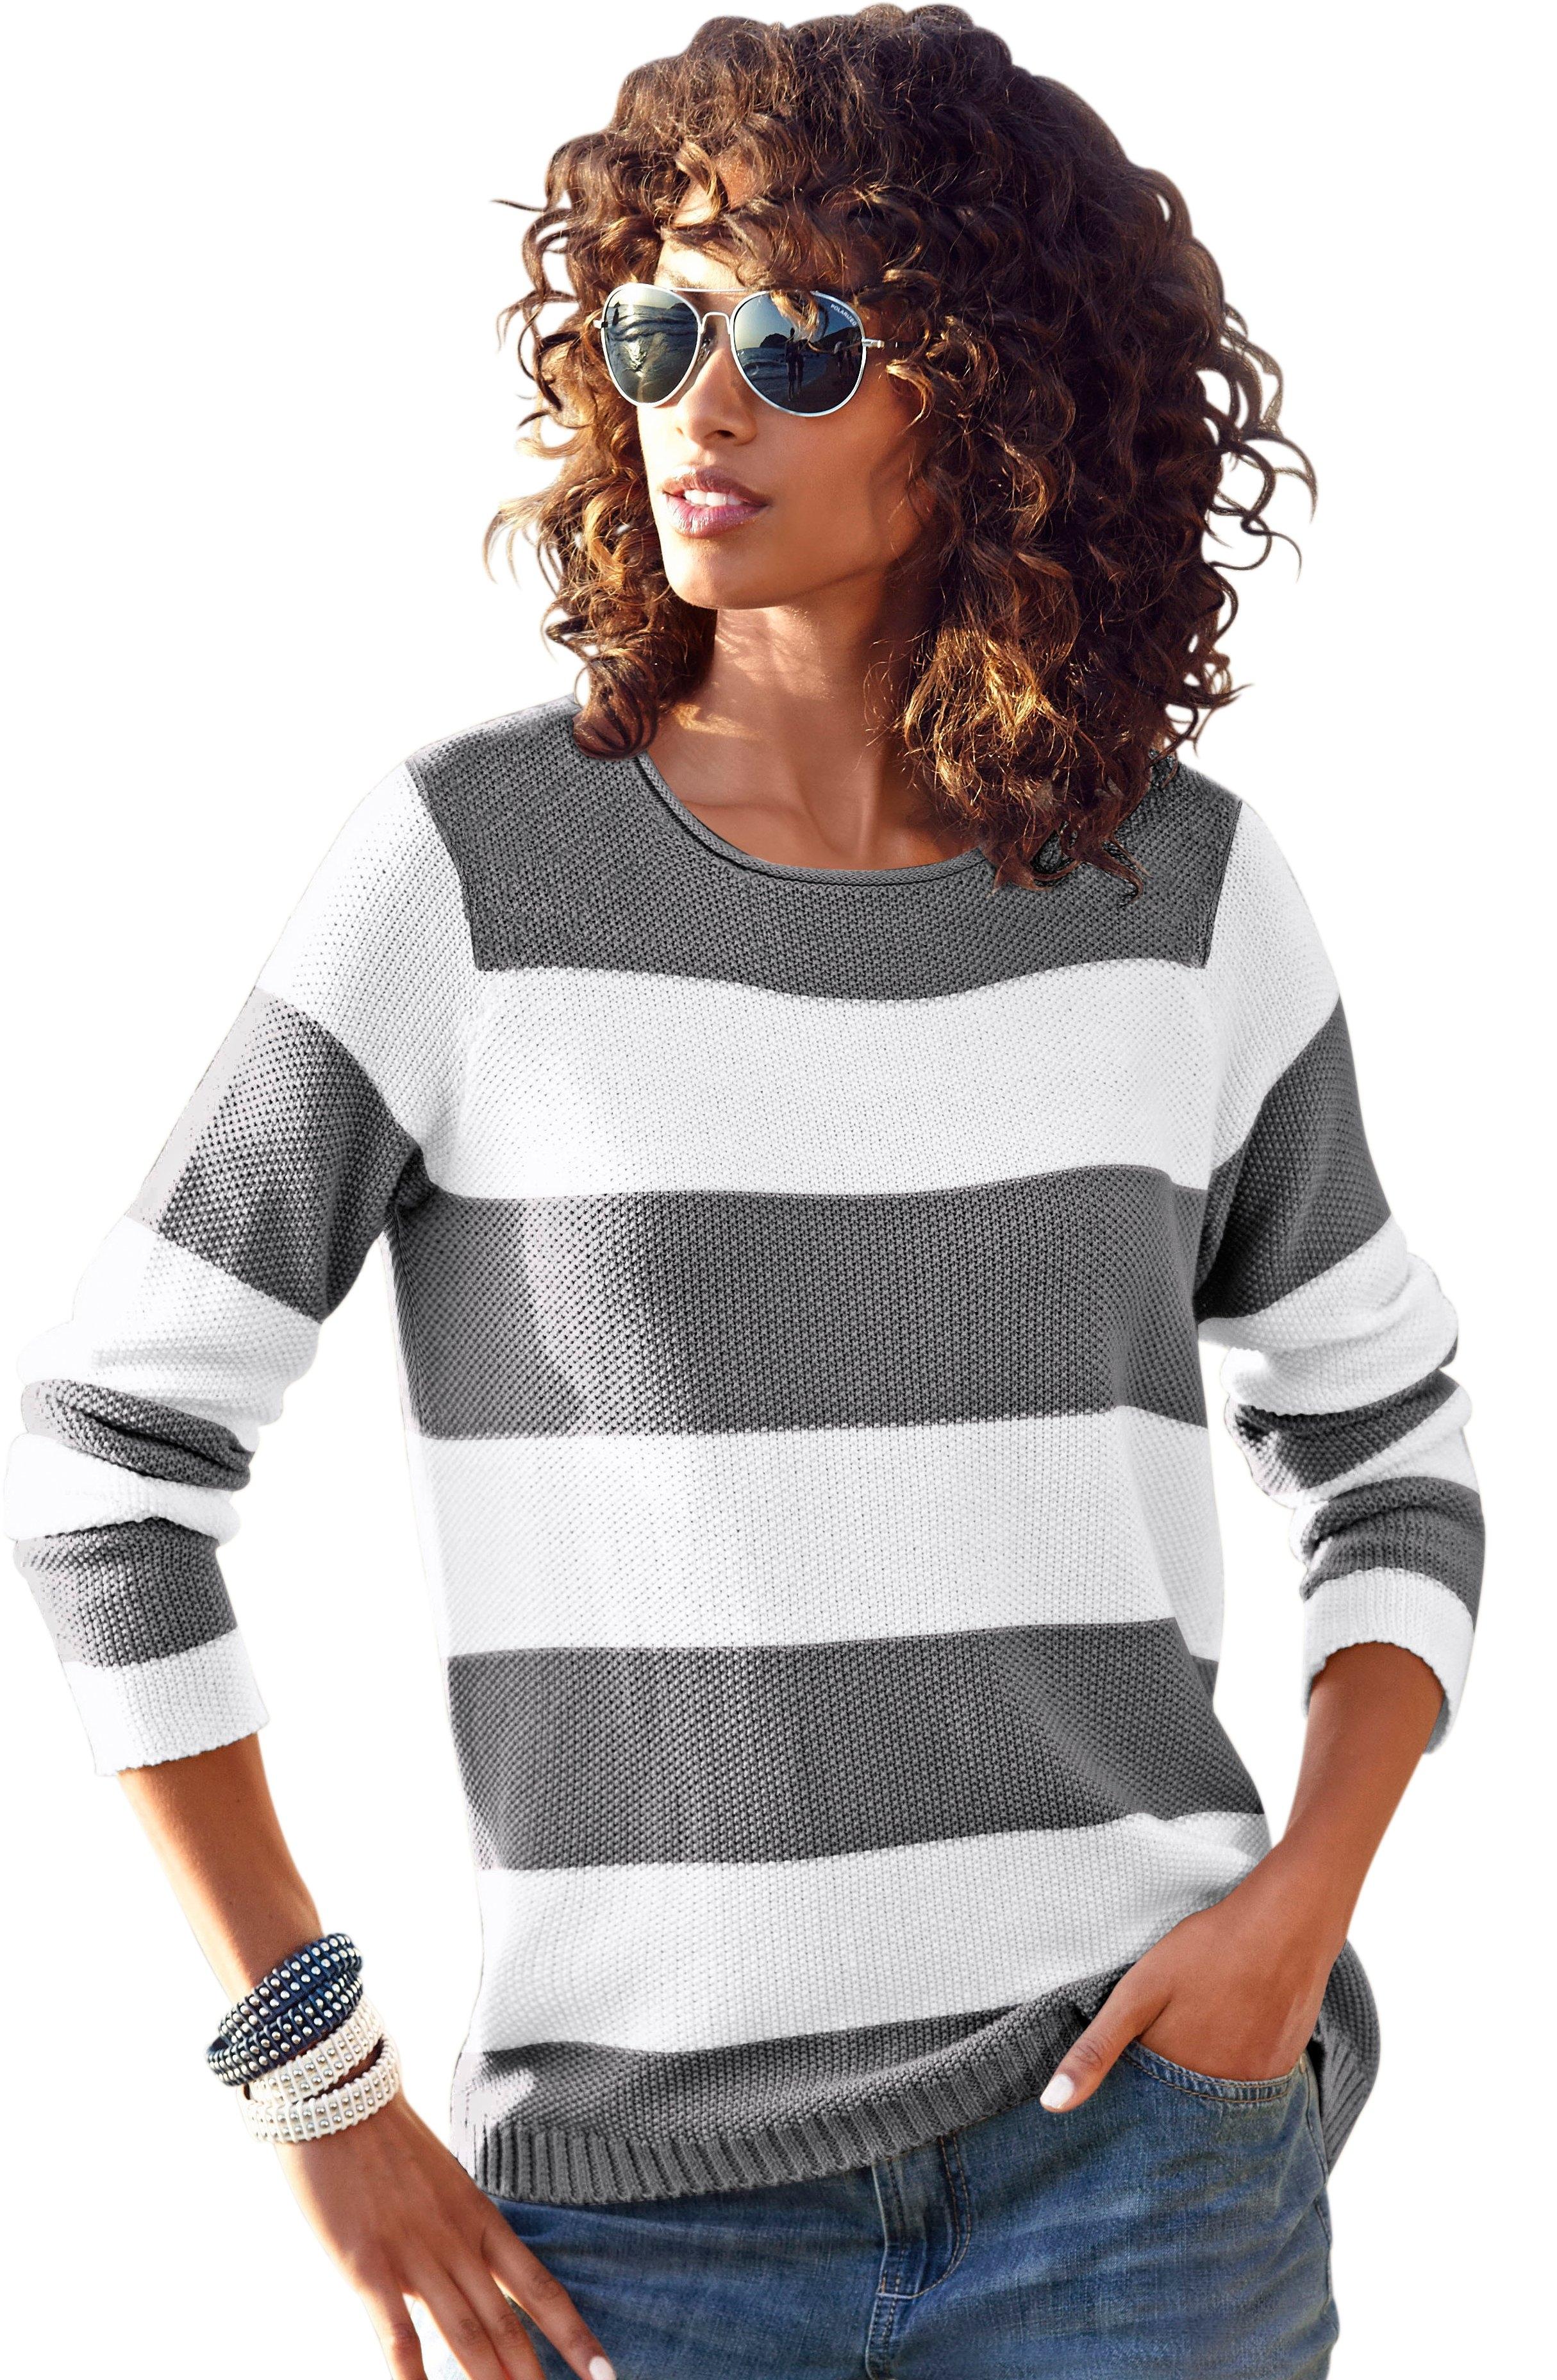 Ambria trui met brede strepen goedkoop op otto.nl kopen